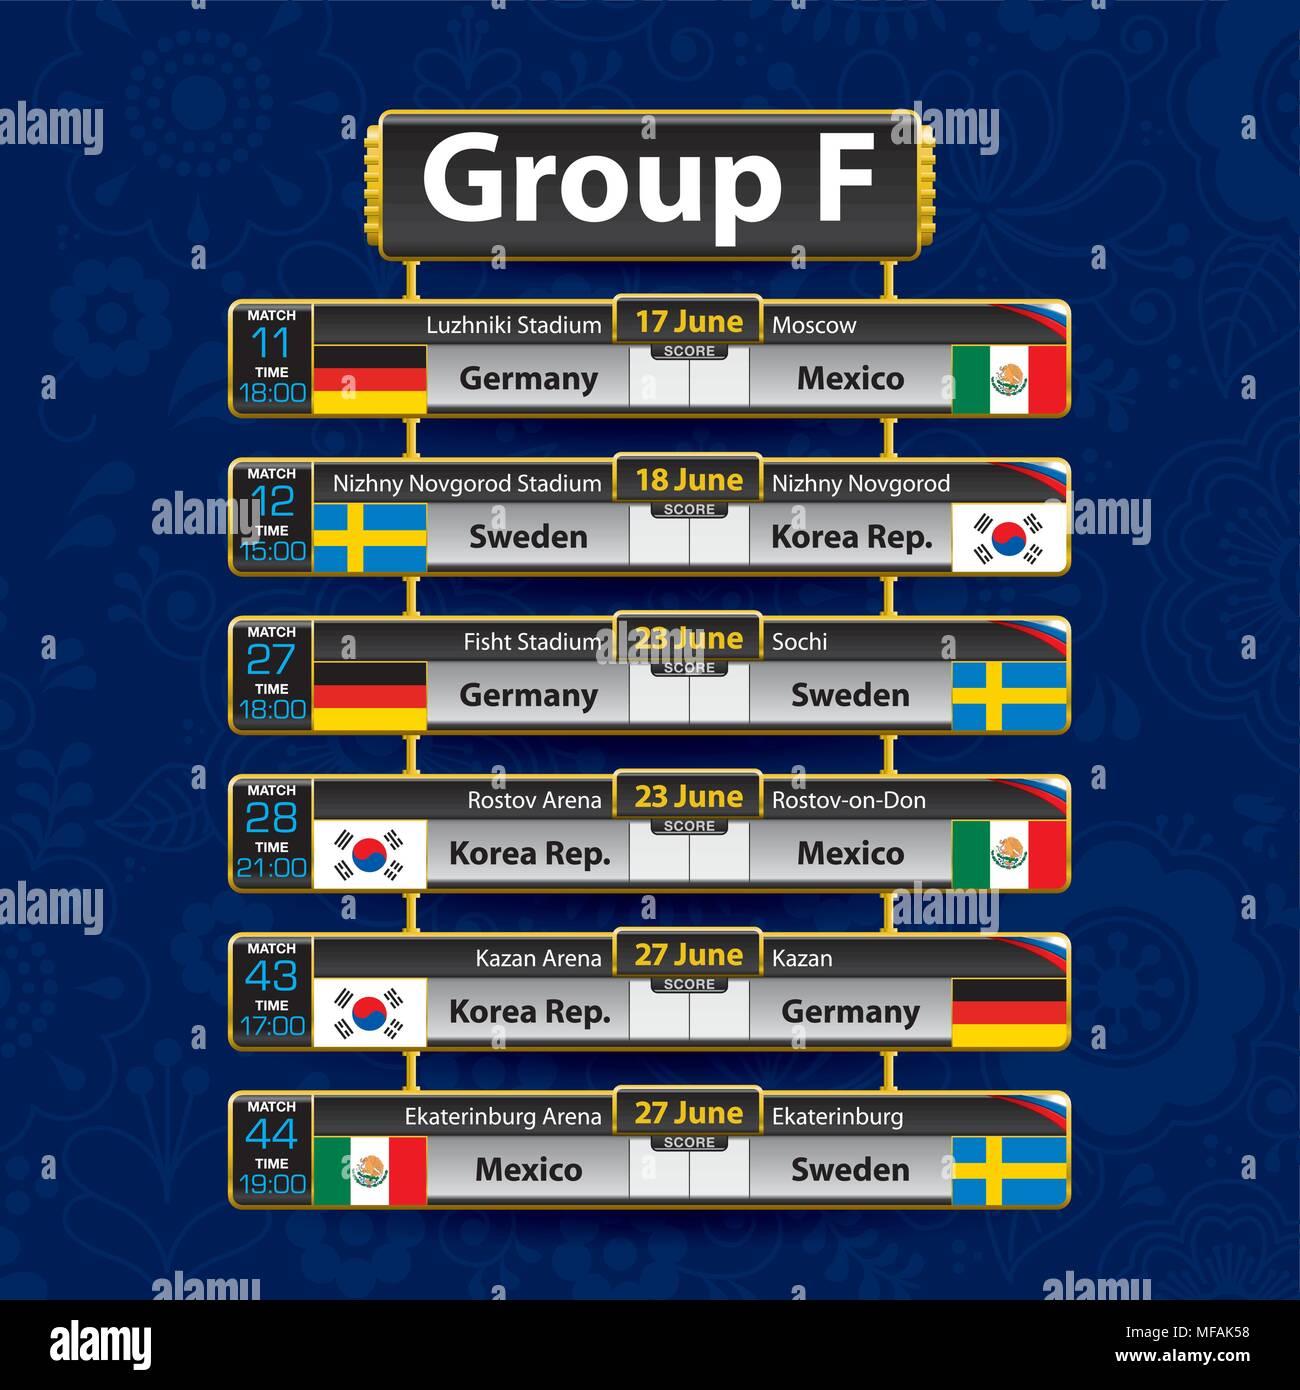 Calendario F.Calendario De Torneos De Futbol De Rusia Grupo F Con La